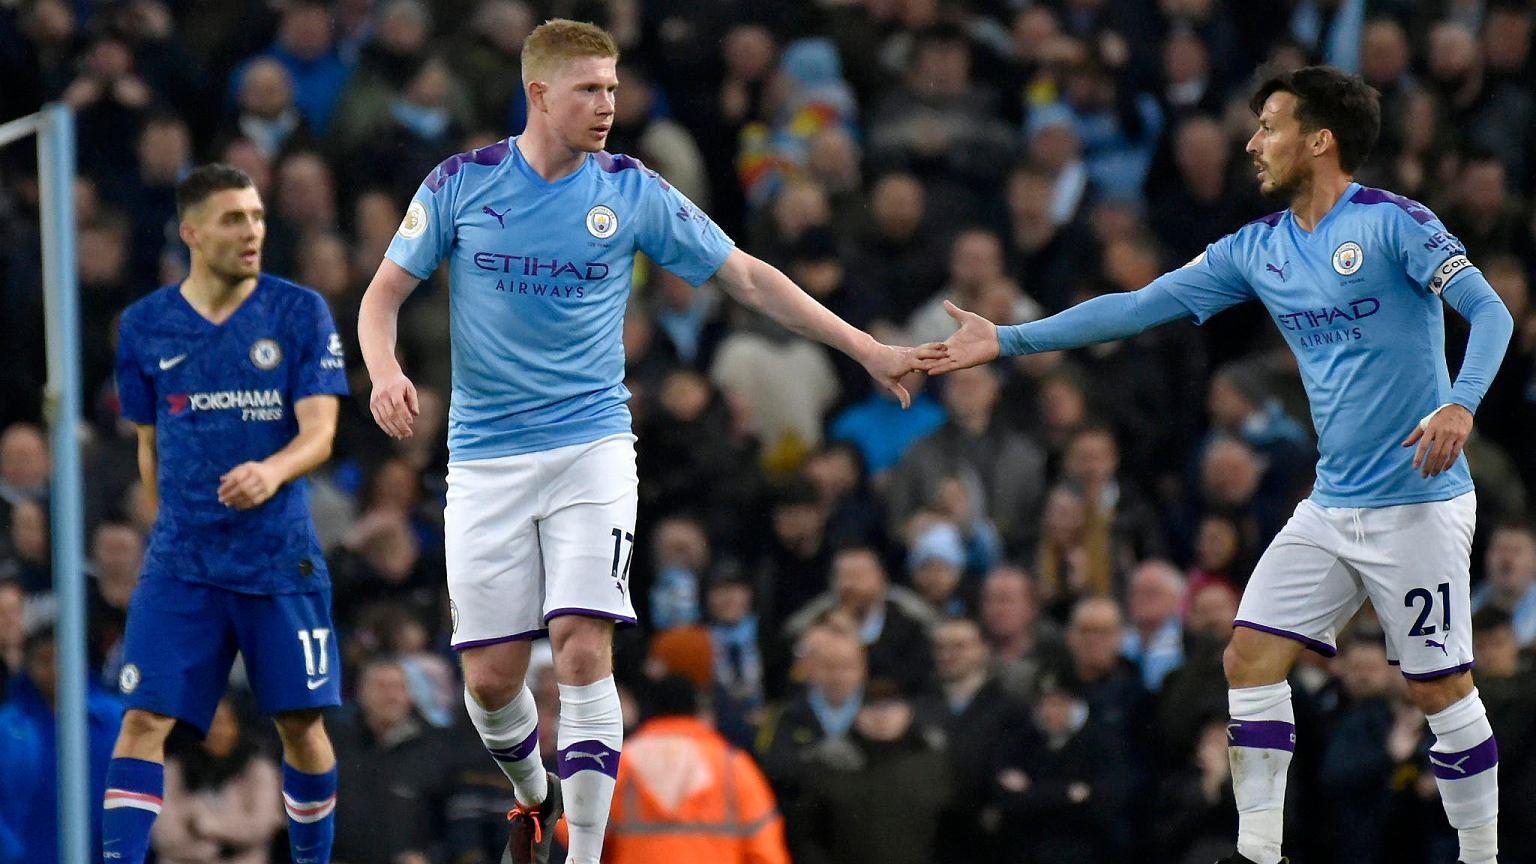 Manchester City wygrał w hicie Premier League. Liverpool triumfuje po golu w końcówce Piłka nożna - Sport.pl